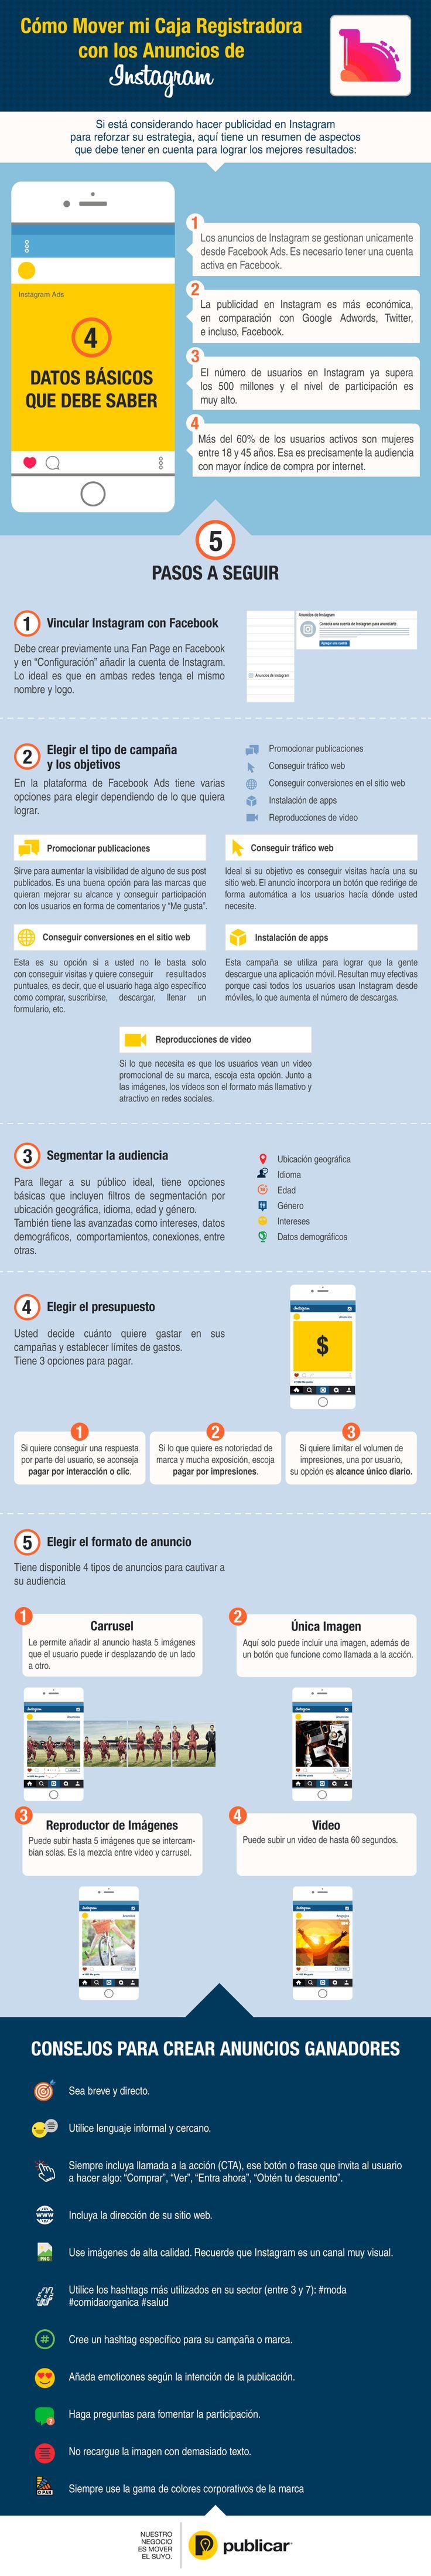 Cómo hacer caja con anuncios en Instagram #infografia